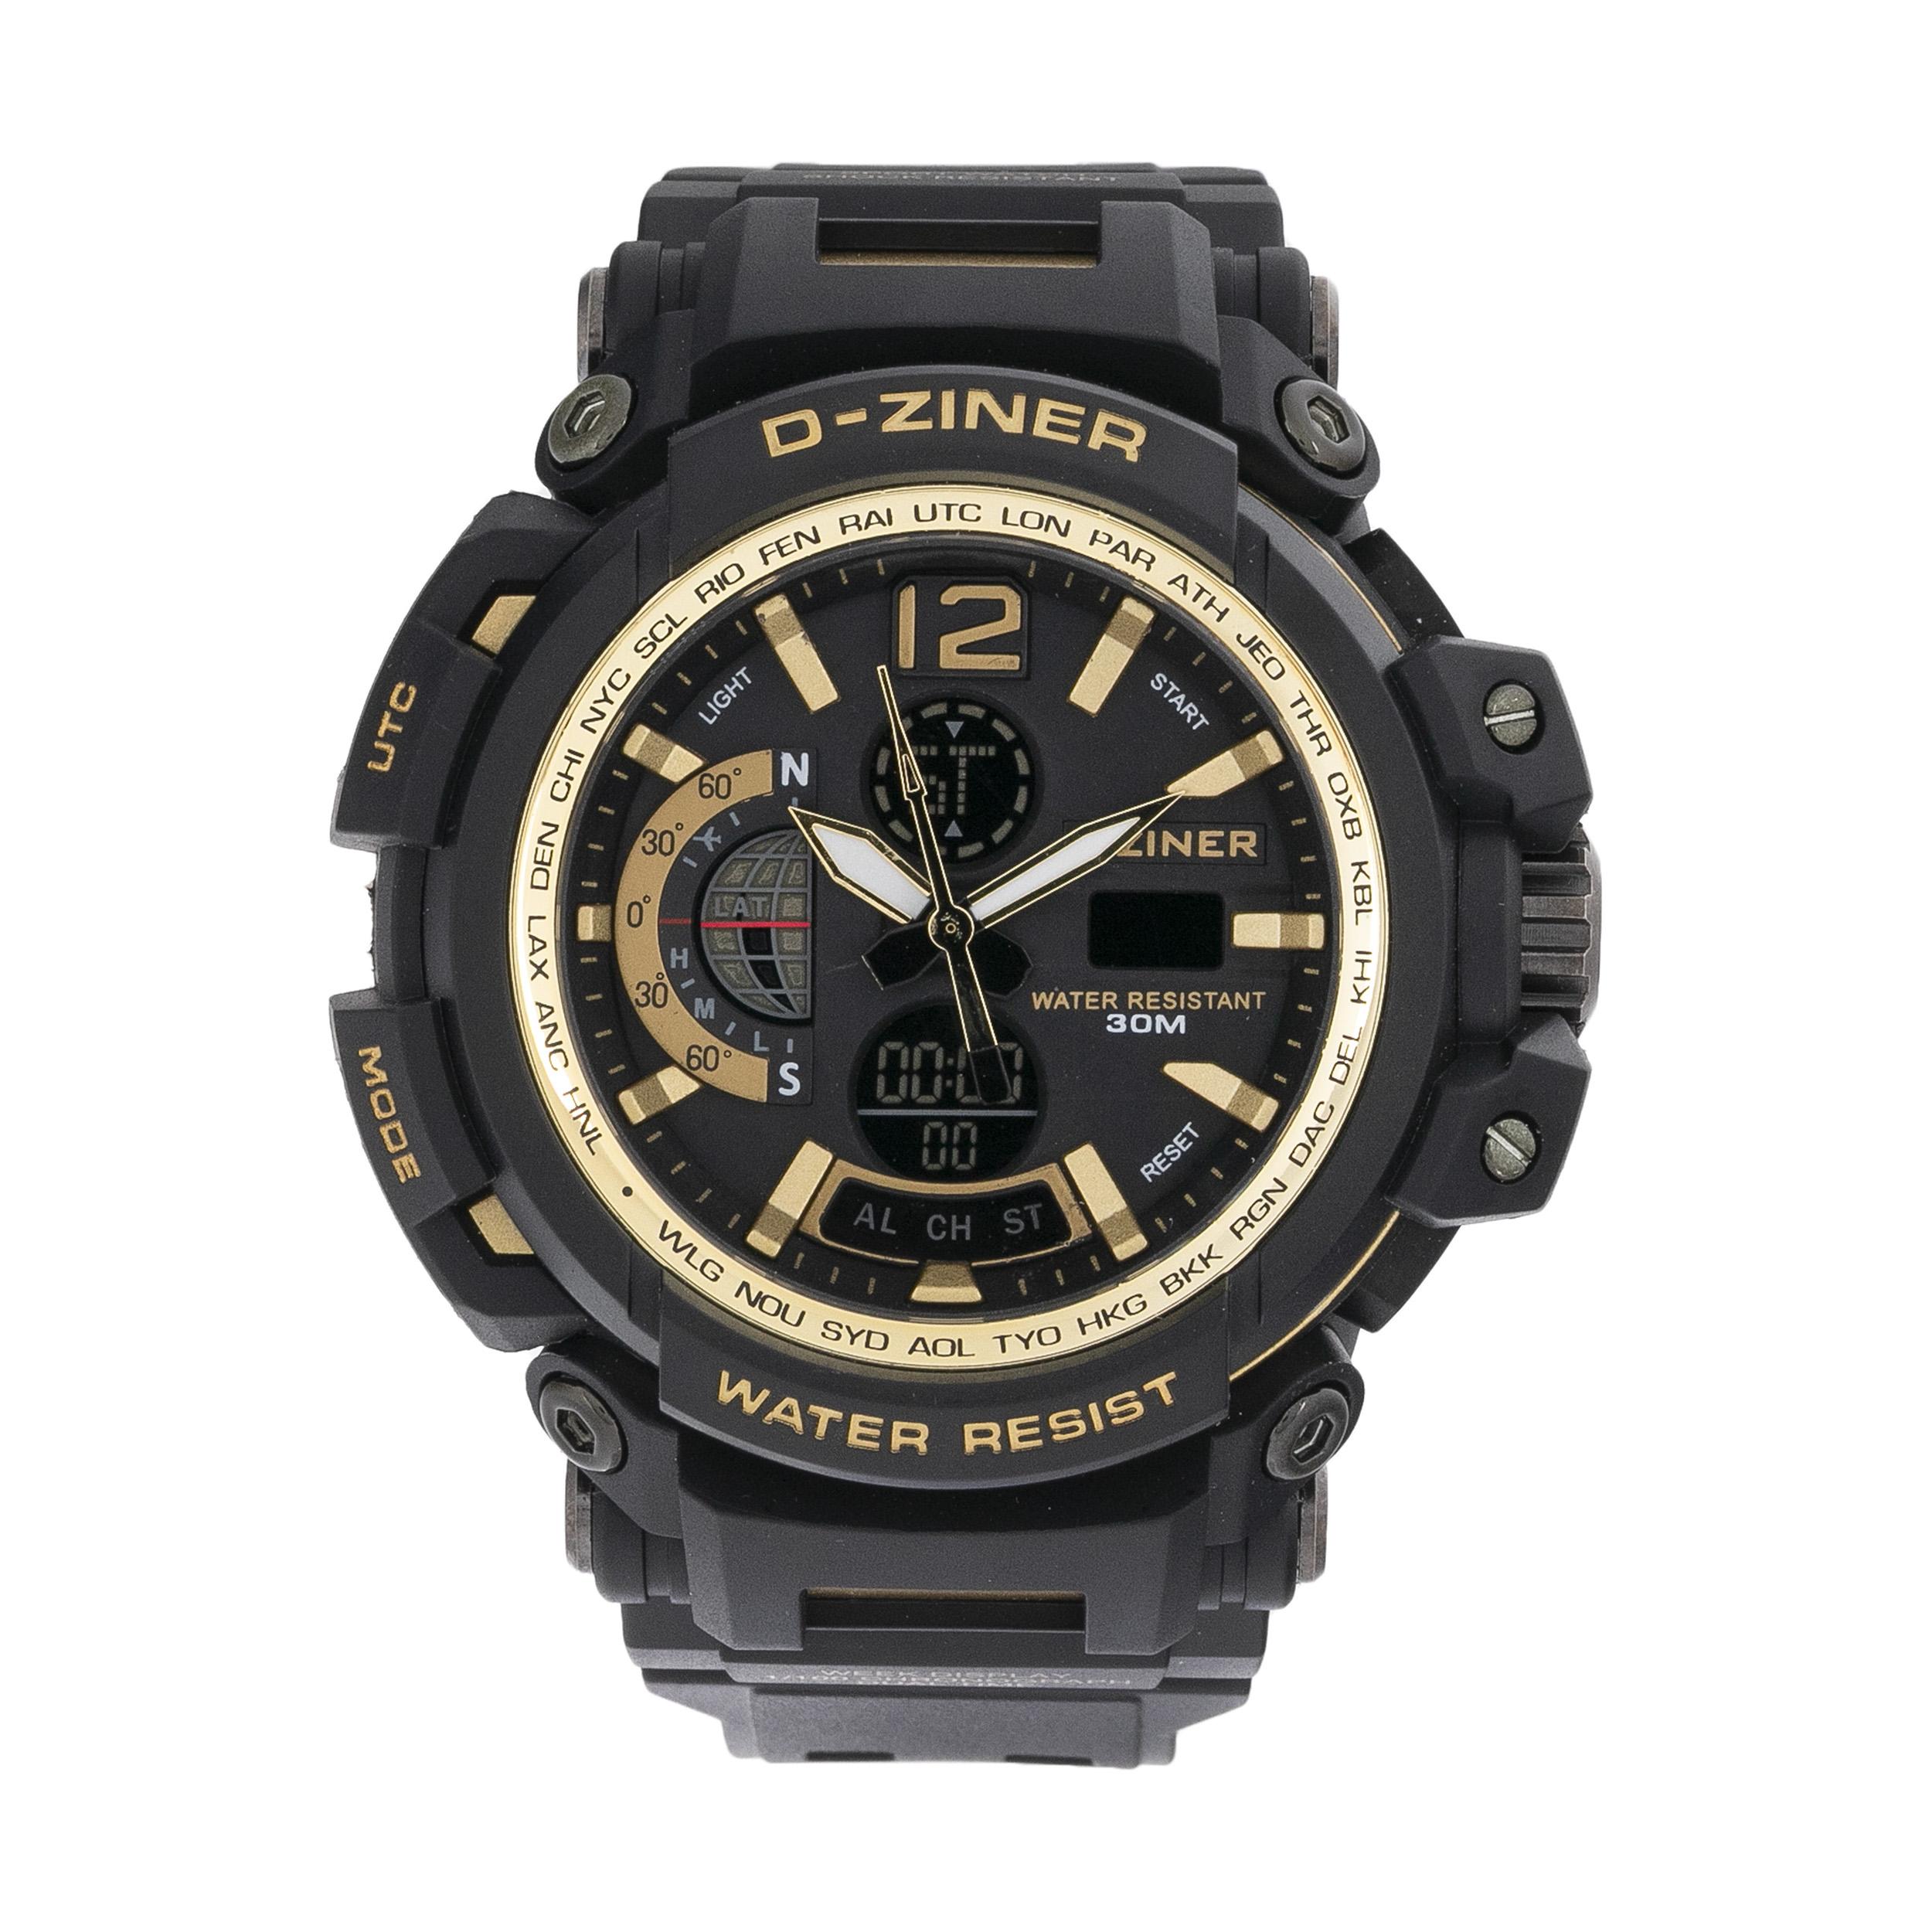 ساعت مچی عقربه ای مردانه دیزاینر مدل D-Z7004 25